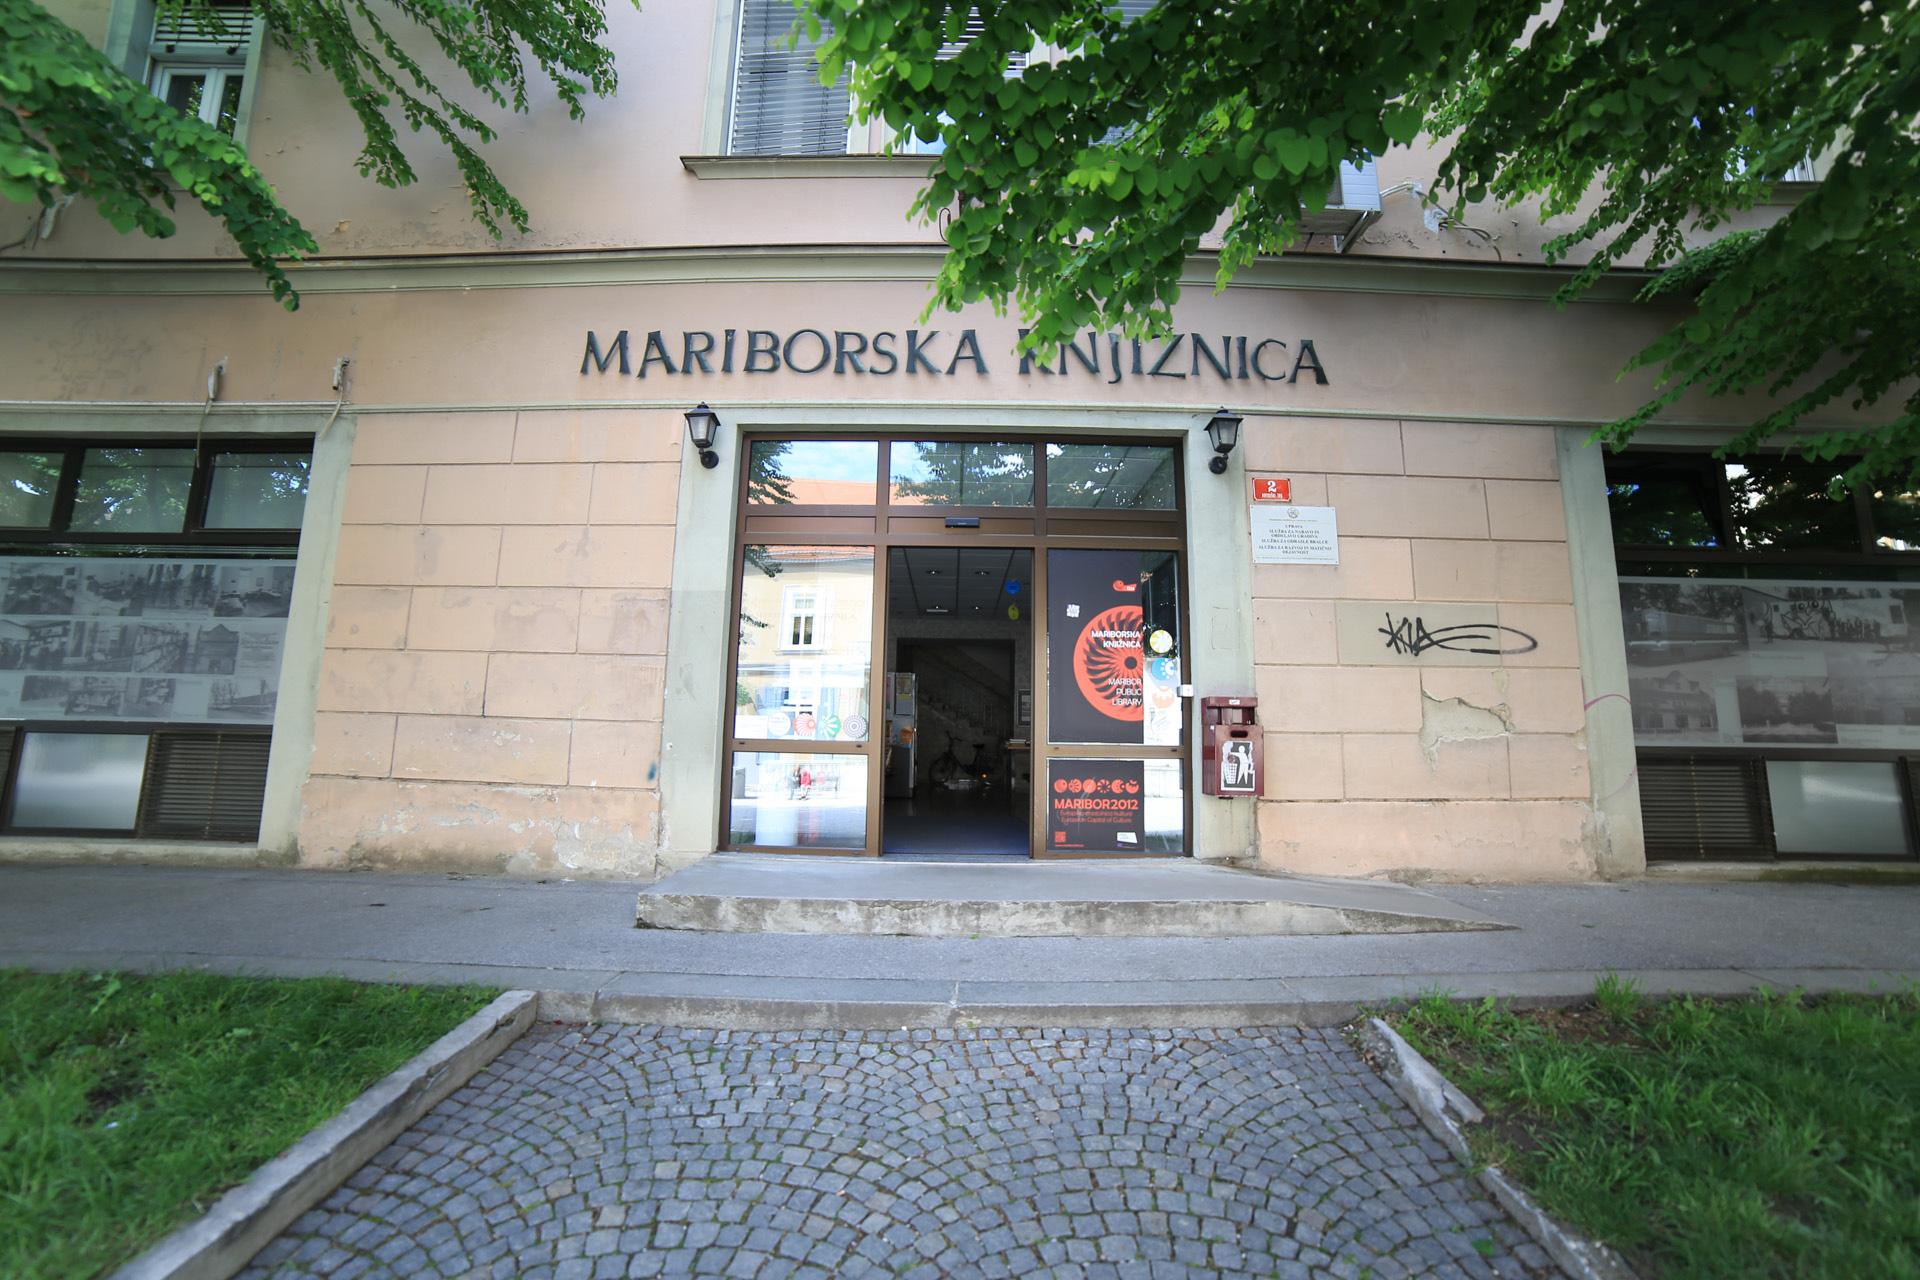 Mariborska_knjiznica.jpg